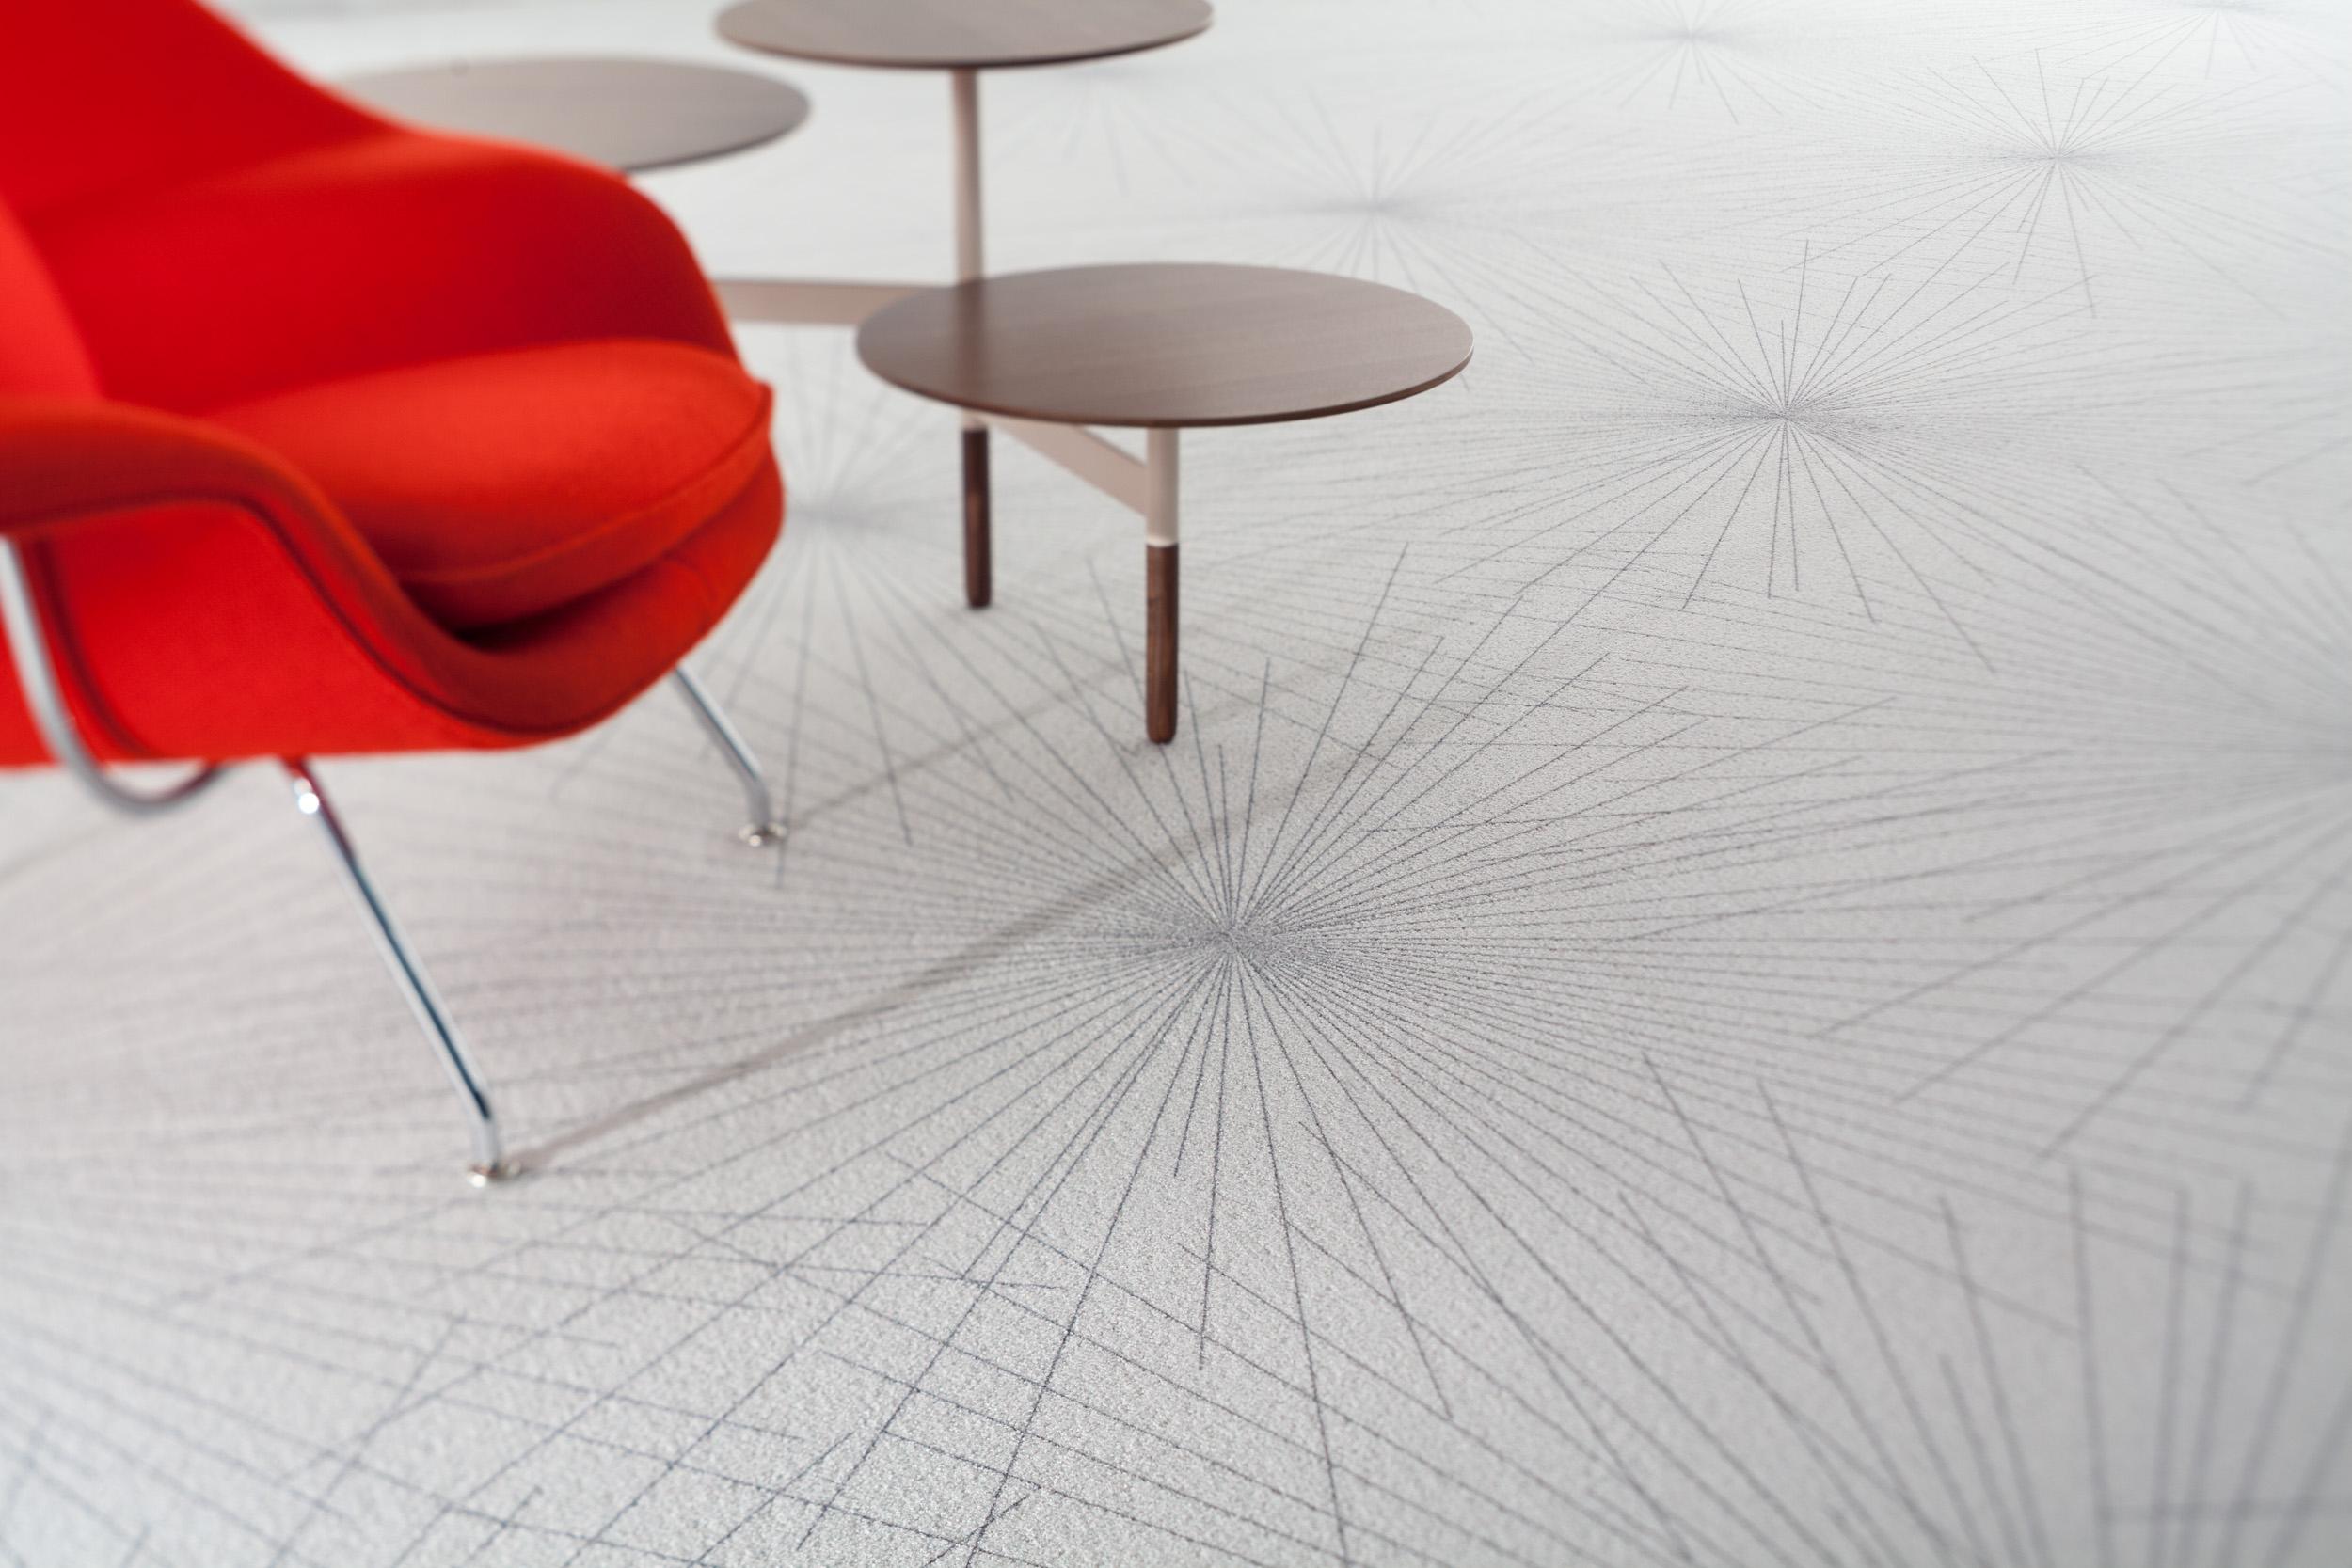 Milliken Mercial Carpet Squares Carpet Vidalondon